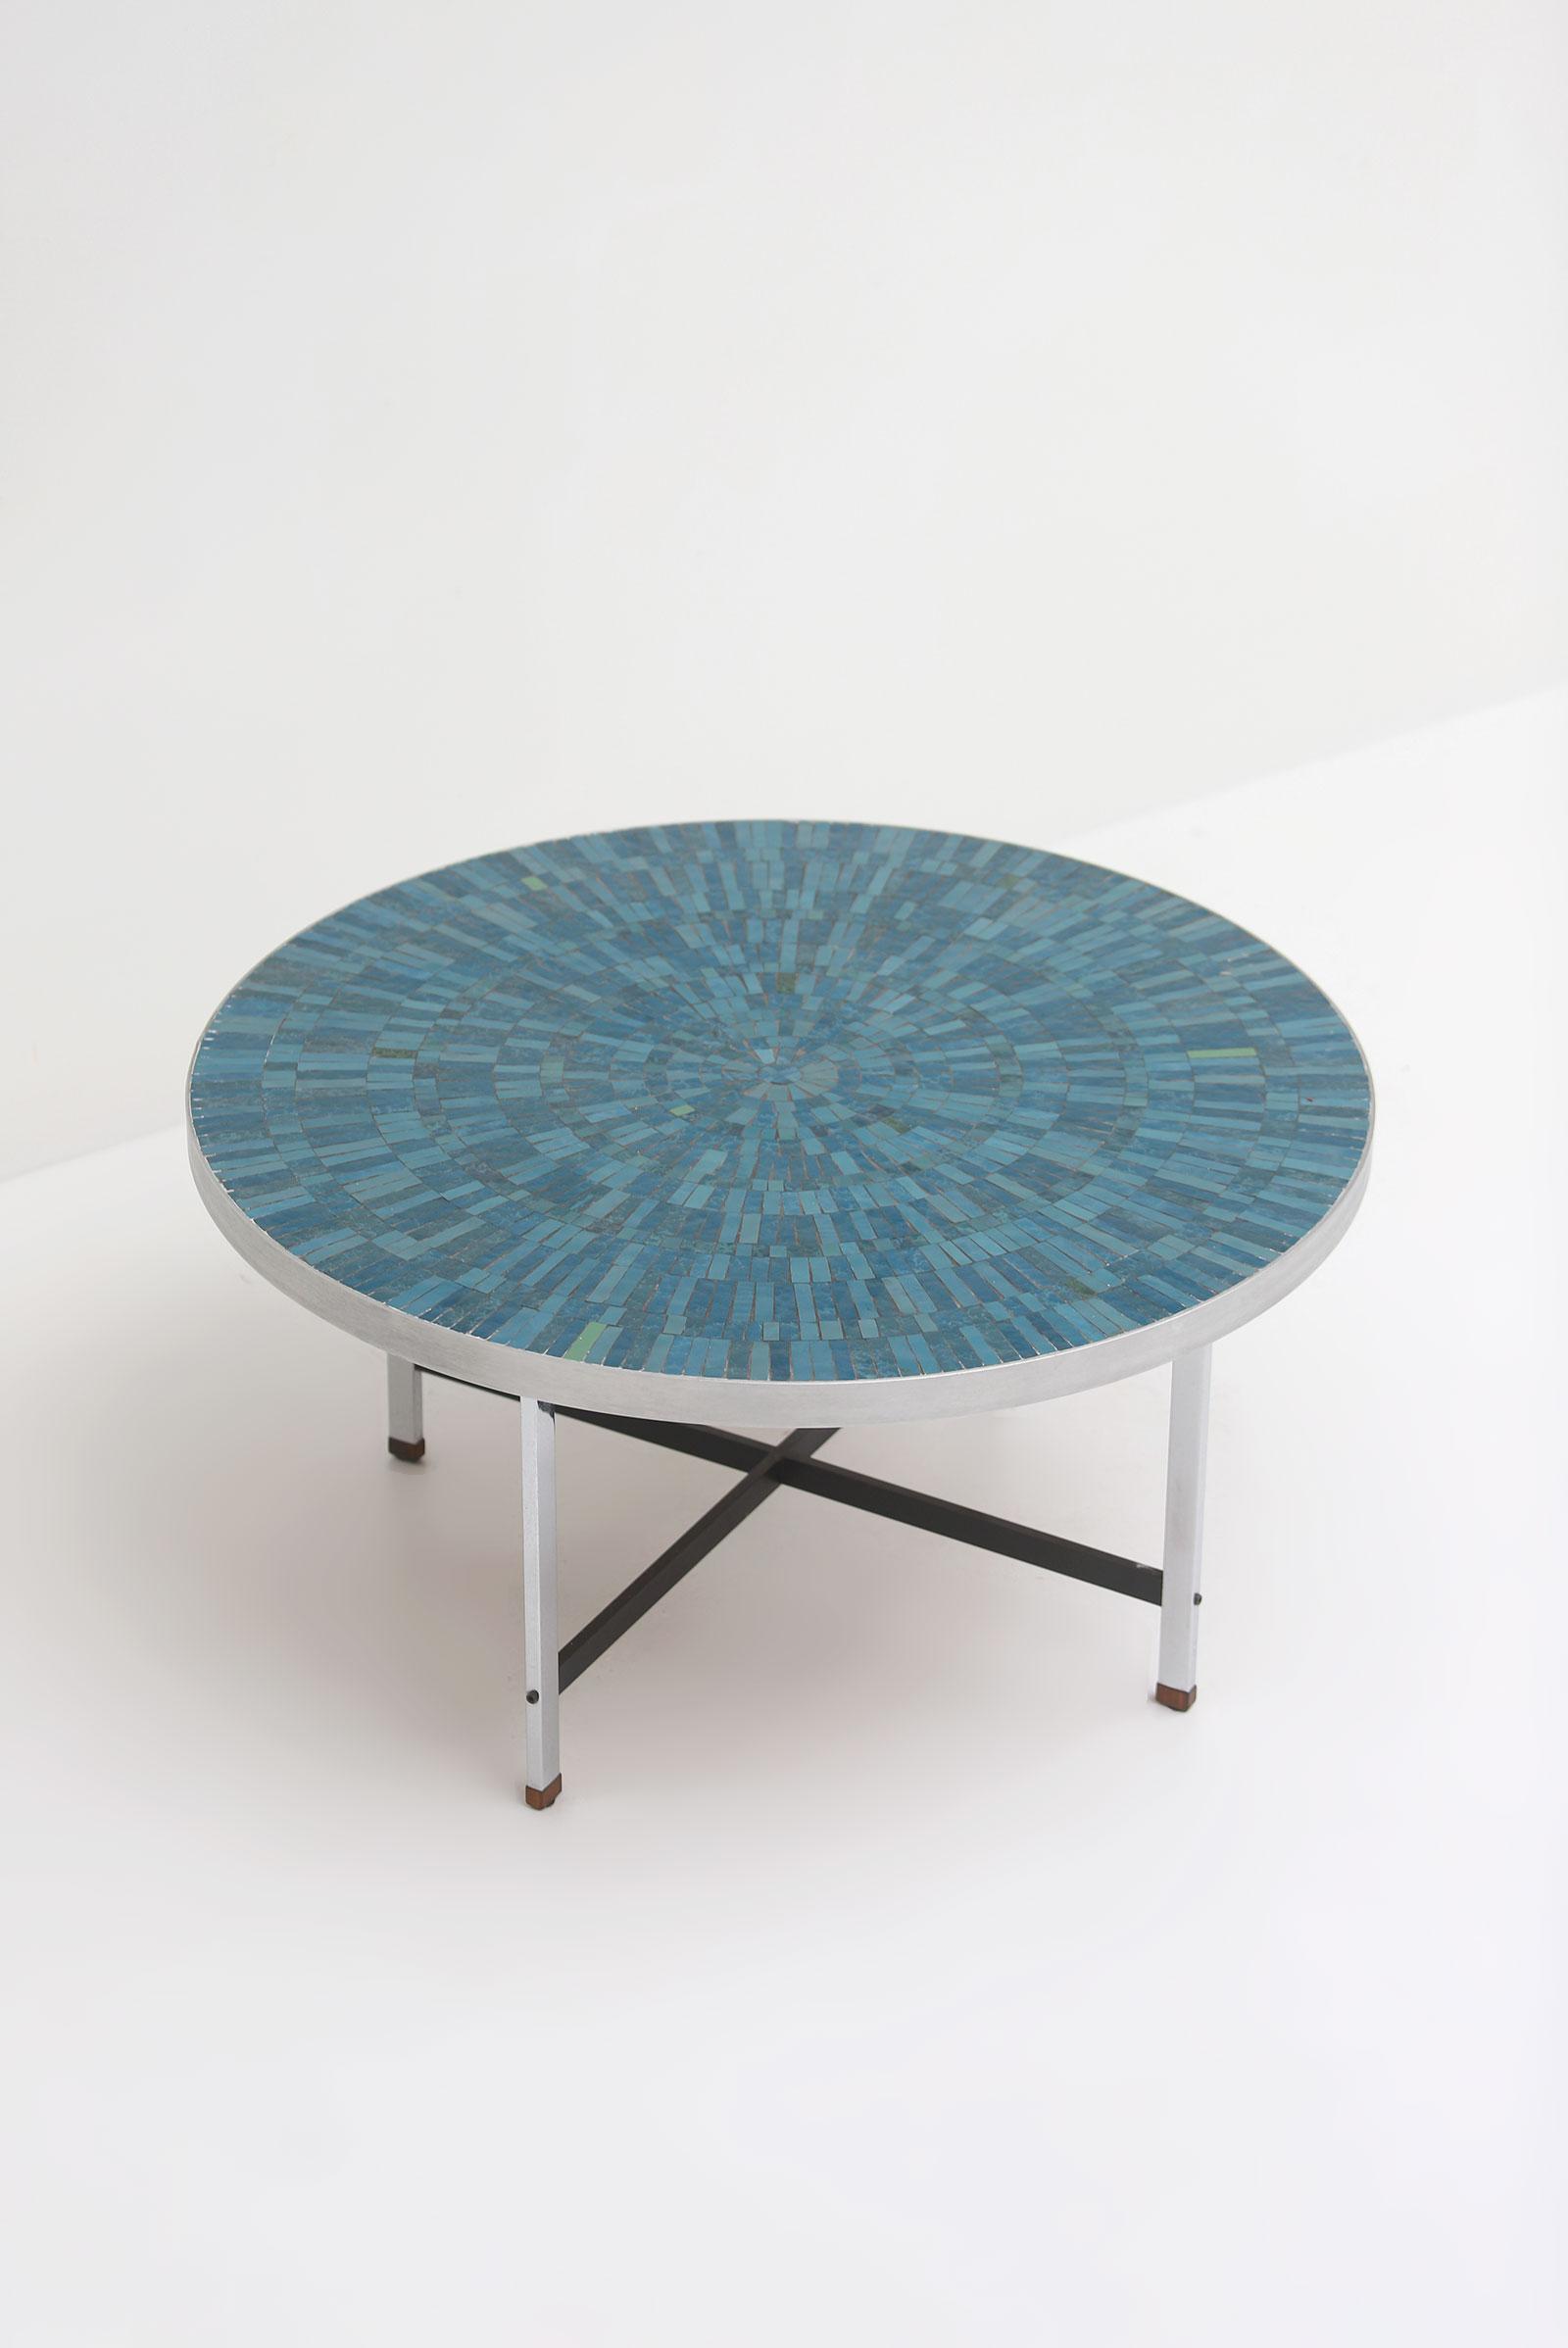 1960s Azure Round Ceramic Coffee Tableimage 4